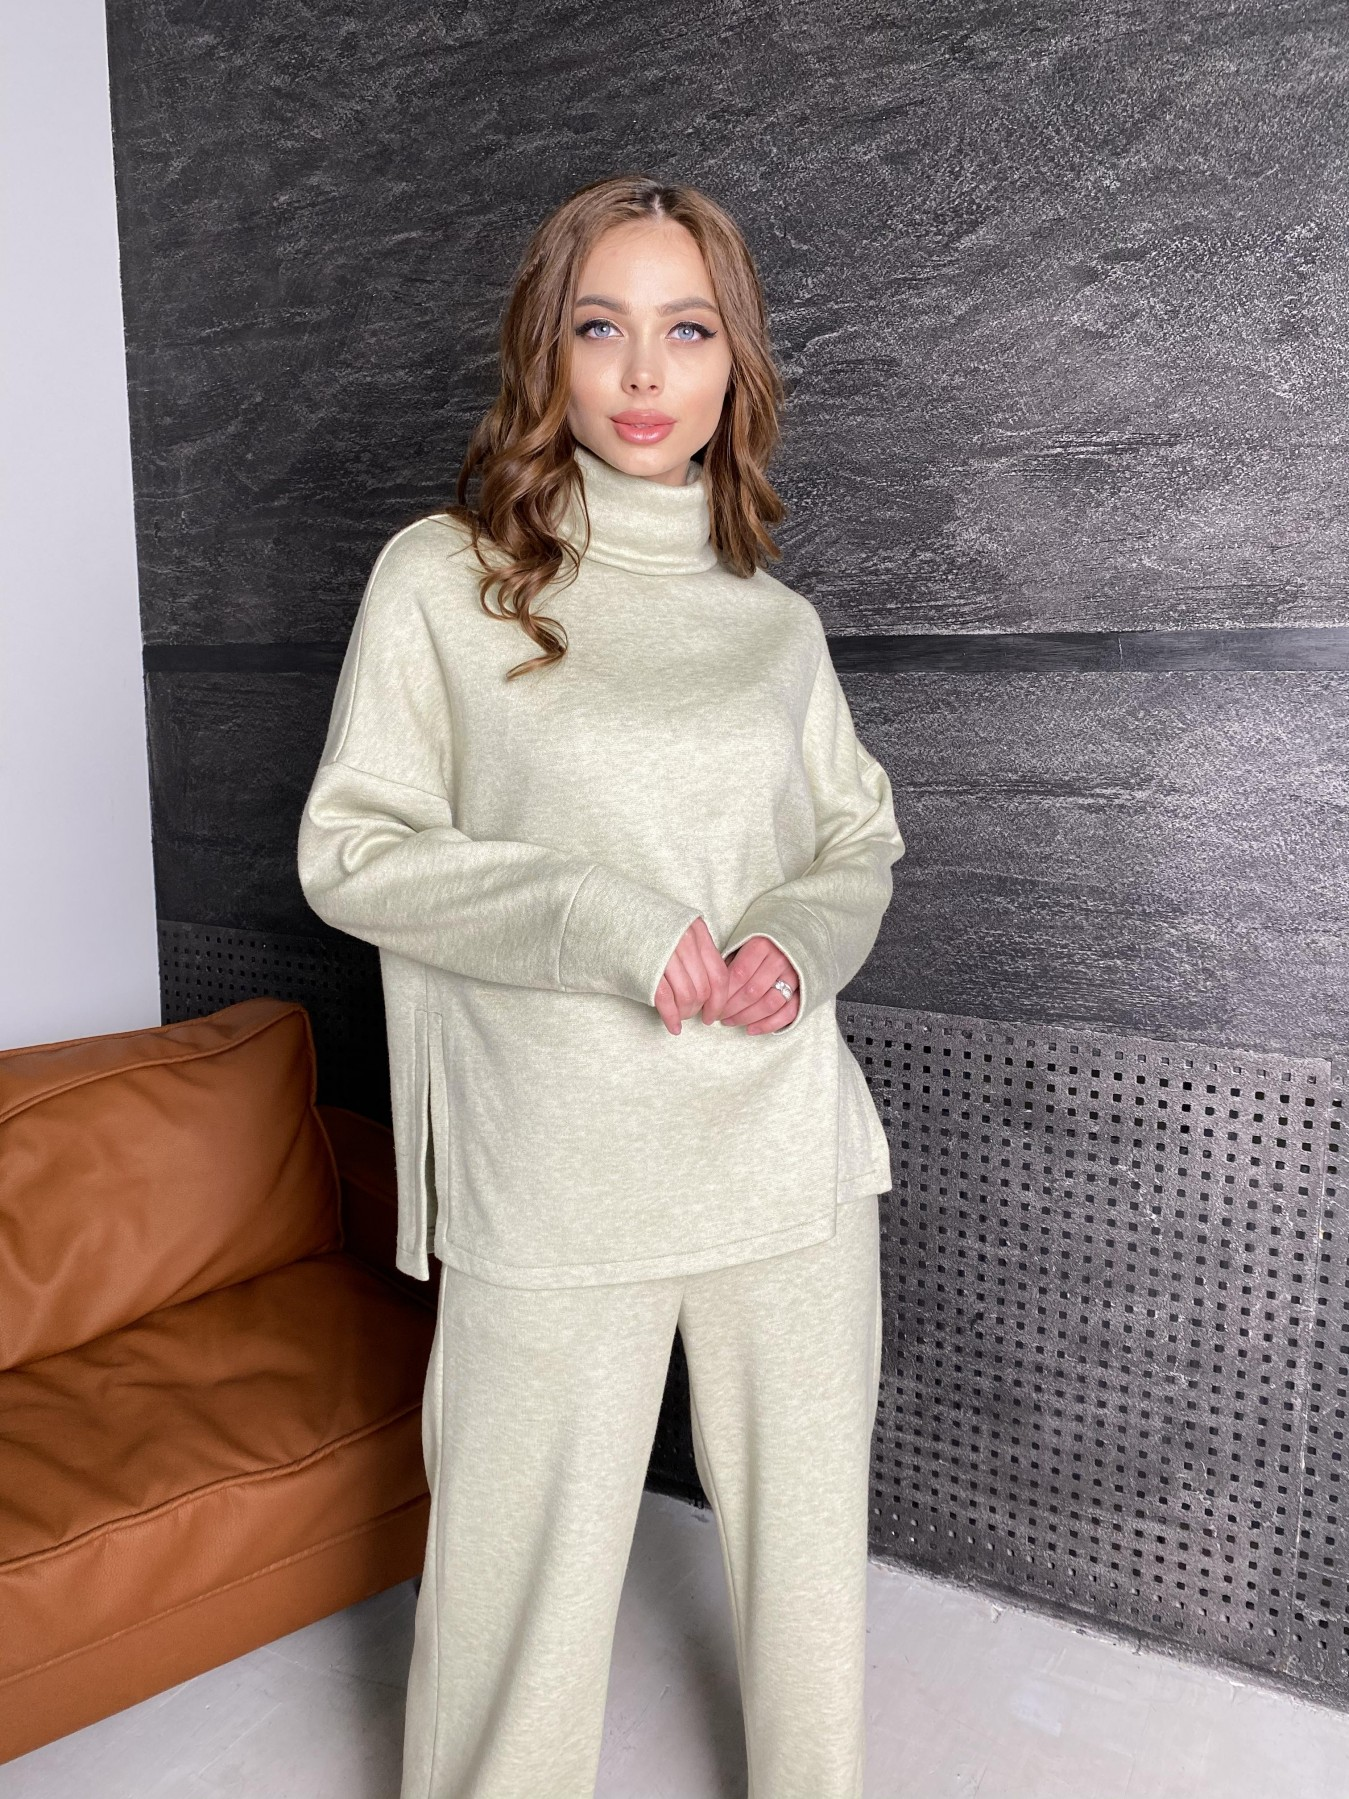 Лав Ю костюм из ангоры 10531 АРТ. 46873 Цвет: Фисташковый - фото 7, интернет магазин tm-modus.ru